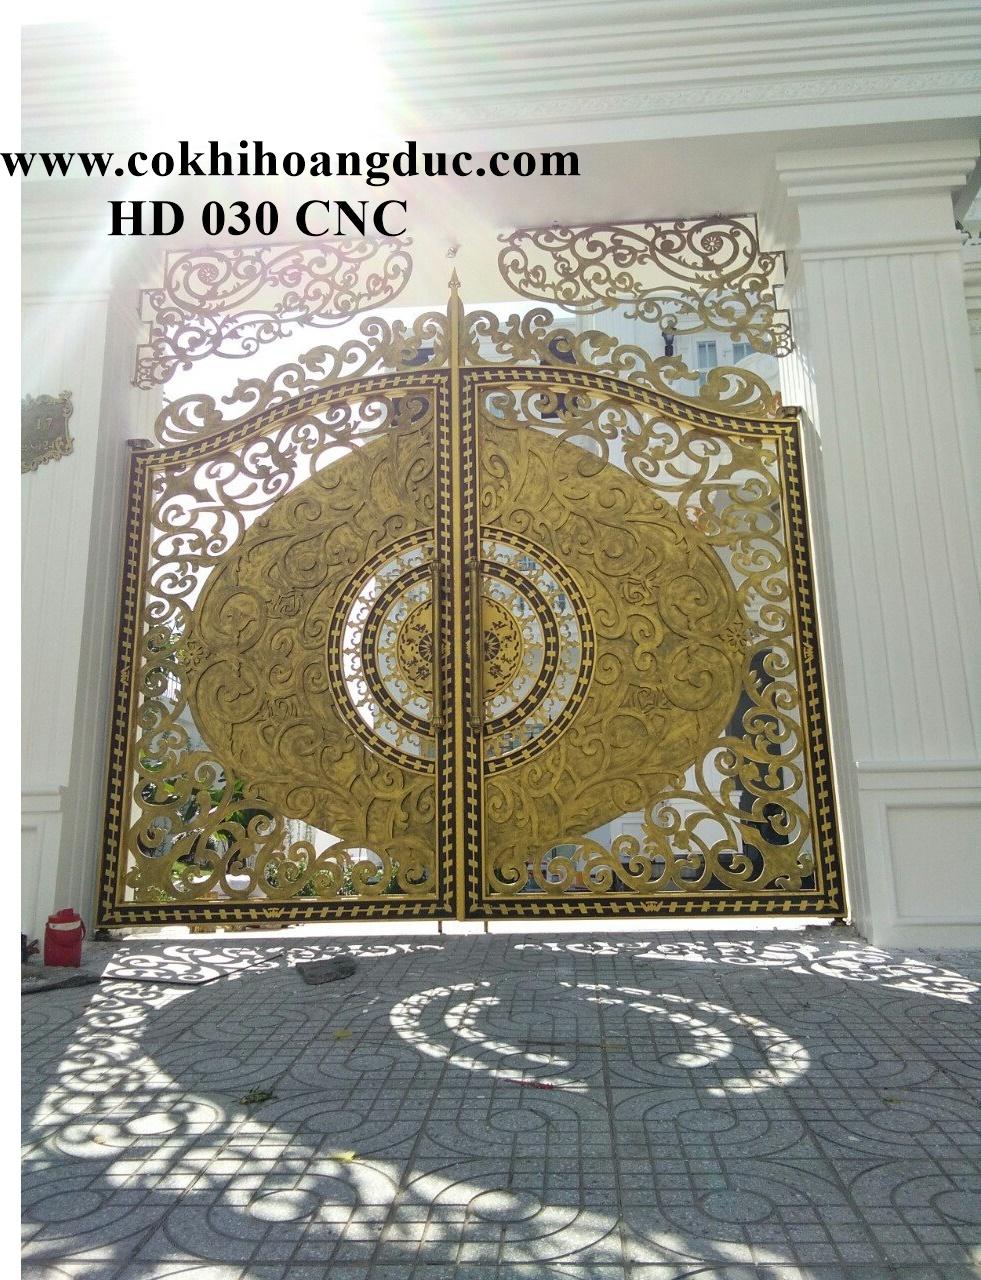 CỬA CỔNG - HD 030 CNC